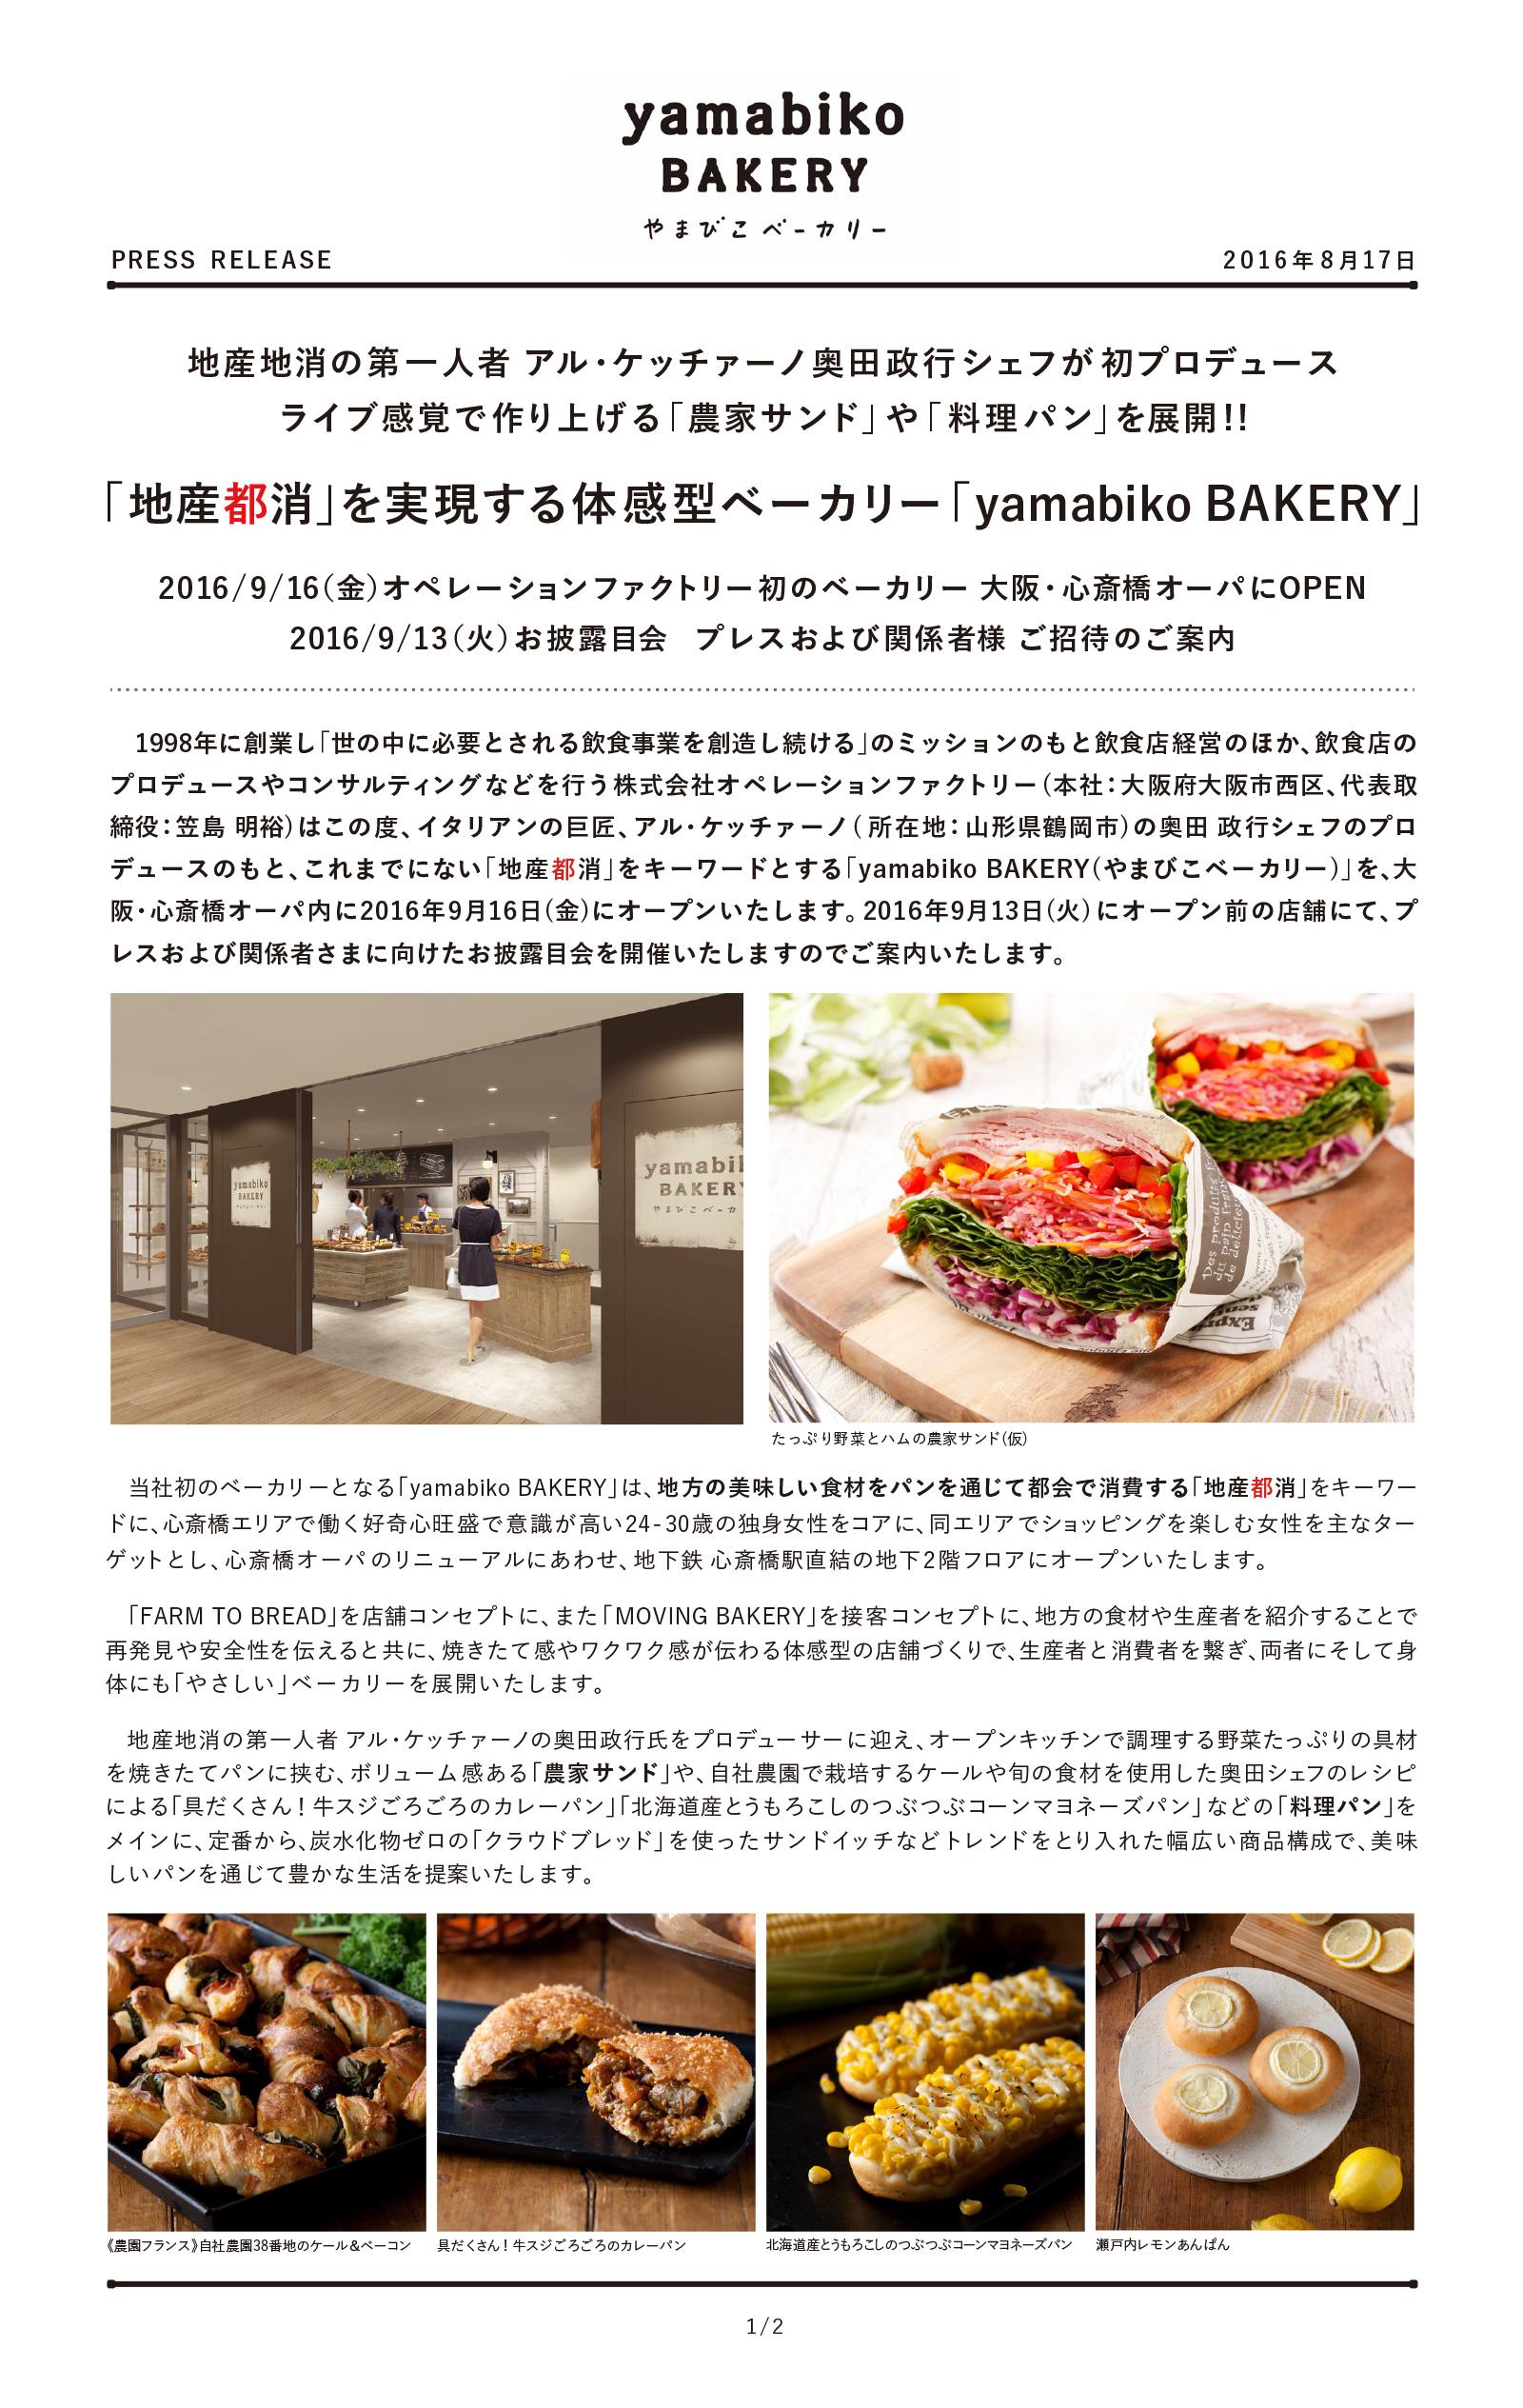 「yamabiko BAKERY